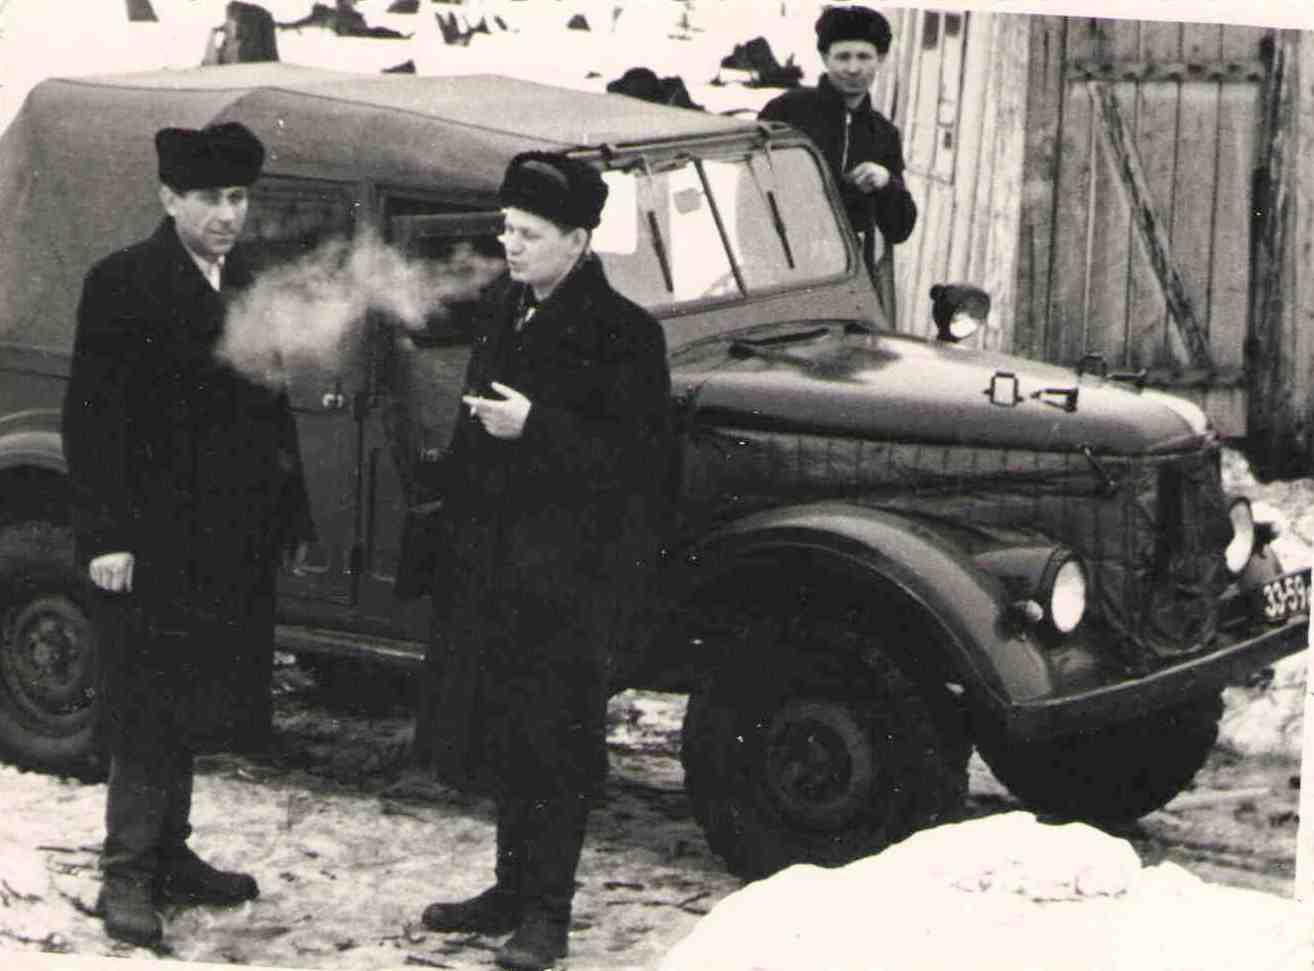 УАЗ Верхне-Лупьинского леспромхоза. Слева направо: Шаров Н.Г., Хлызов Н.П. (шофер), Дерягин С.С. 1950-60-е.